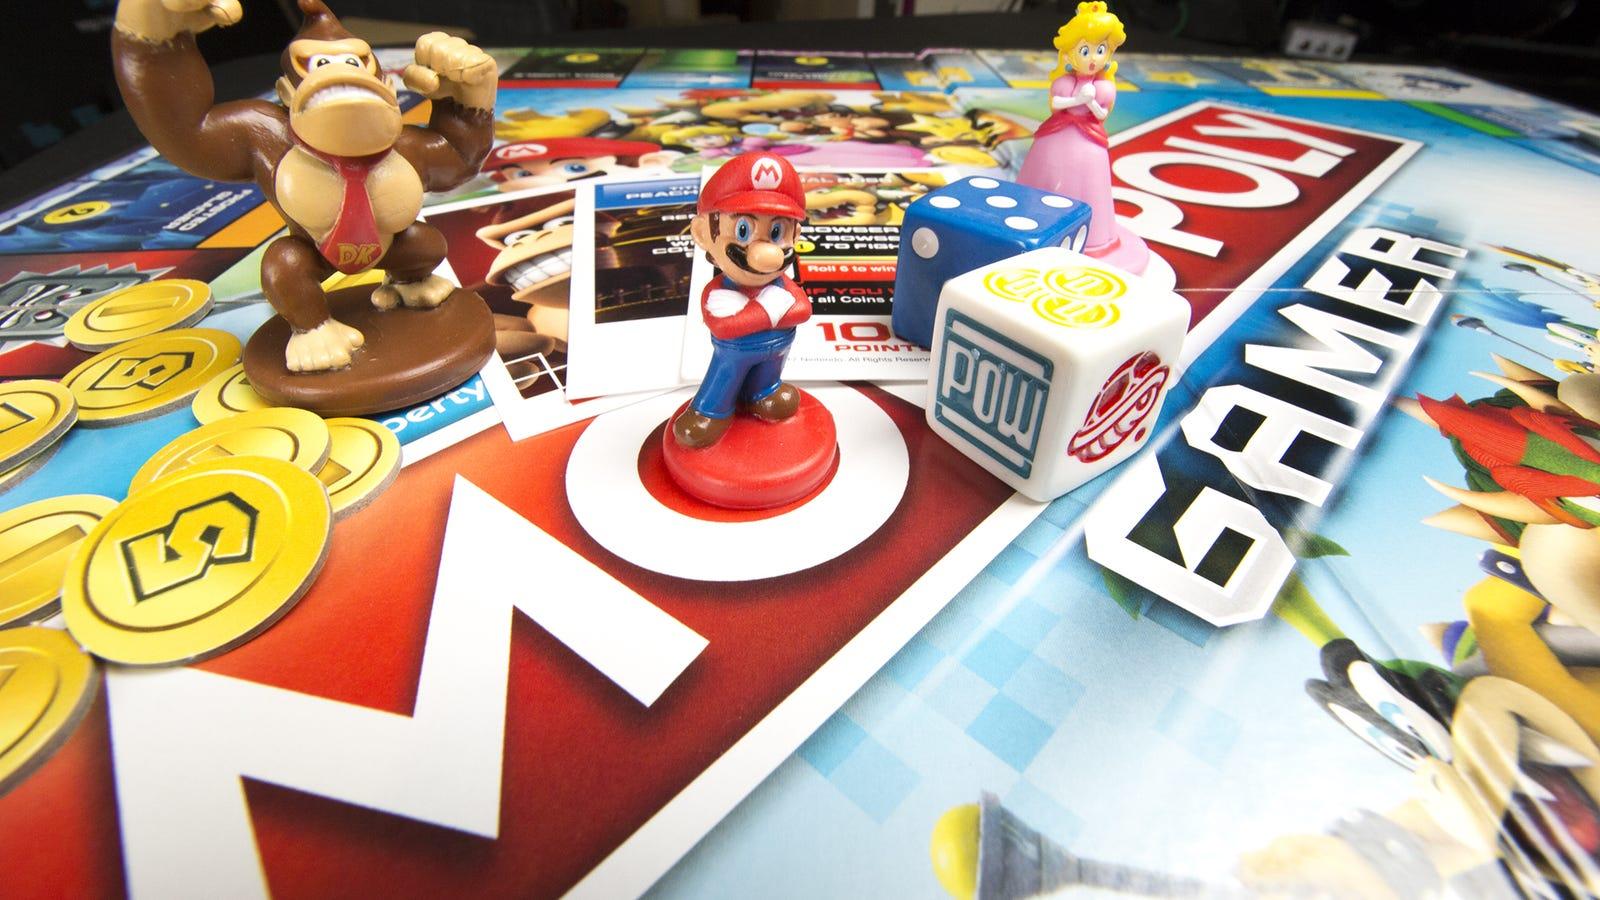 âMario Kart Invades Monopoly Gamerâçå¾çæç´¢ç»æ